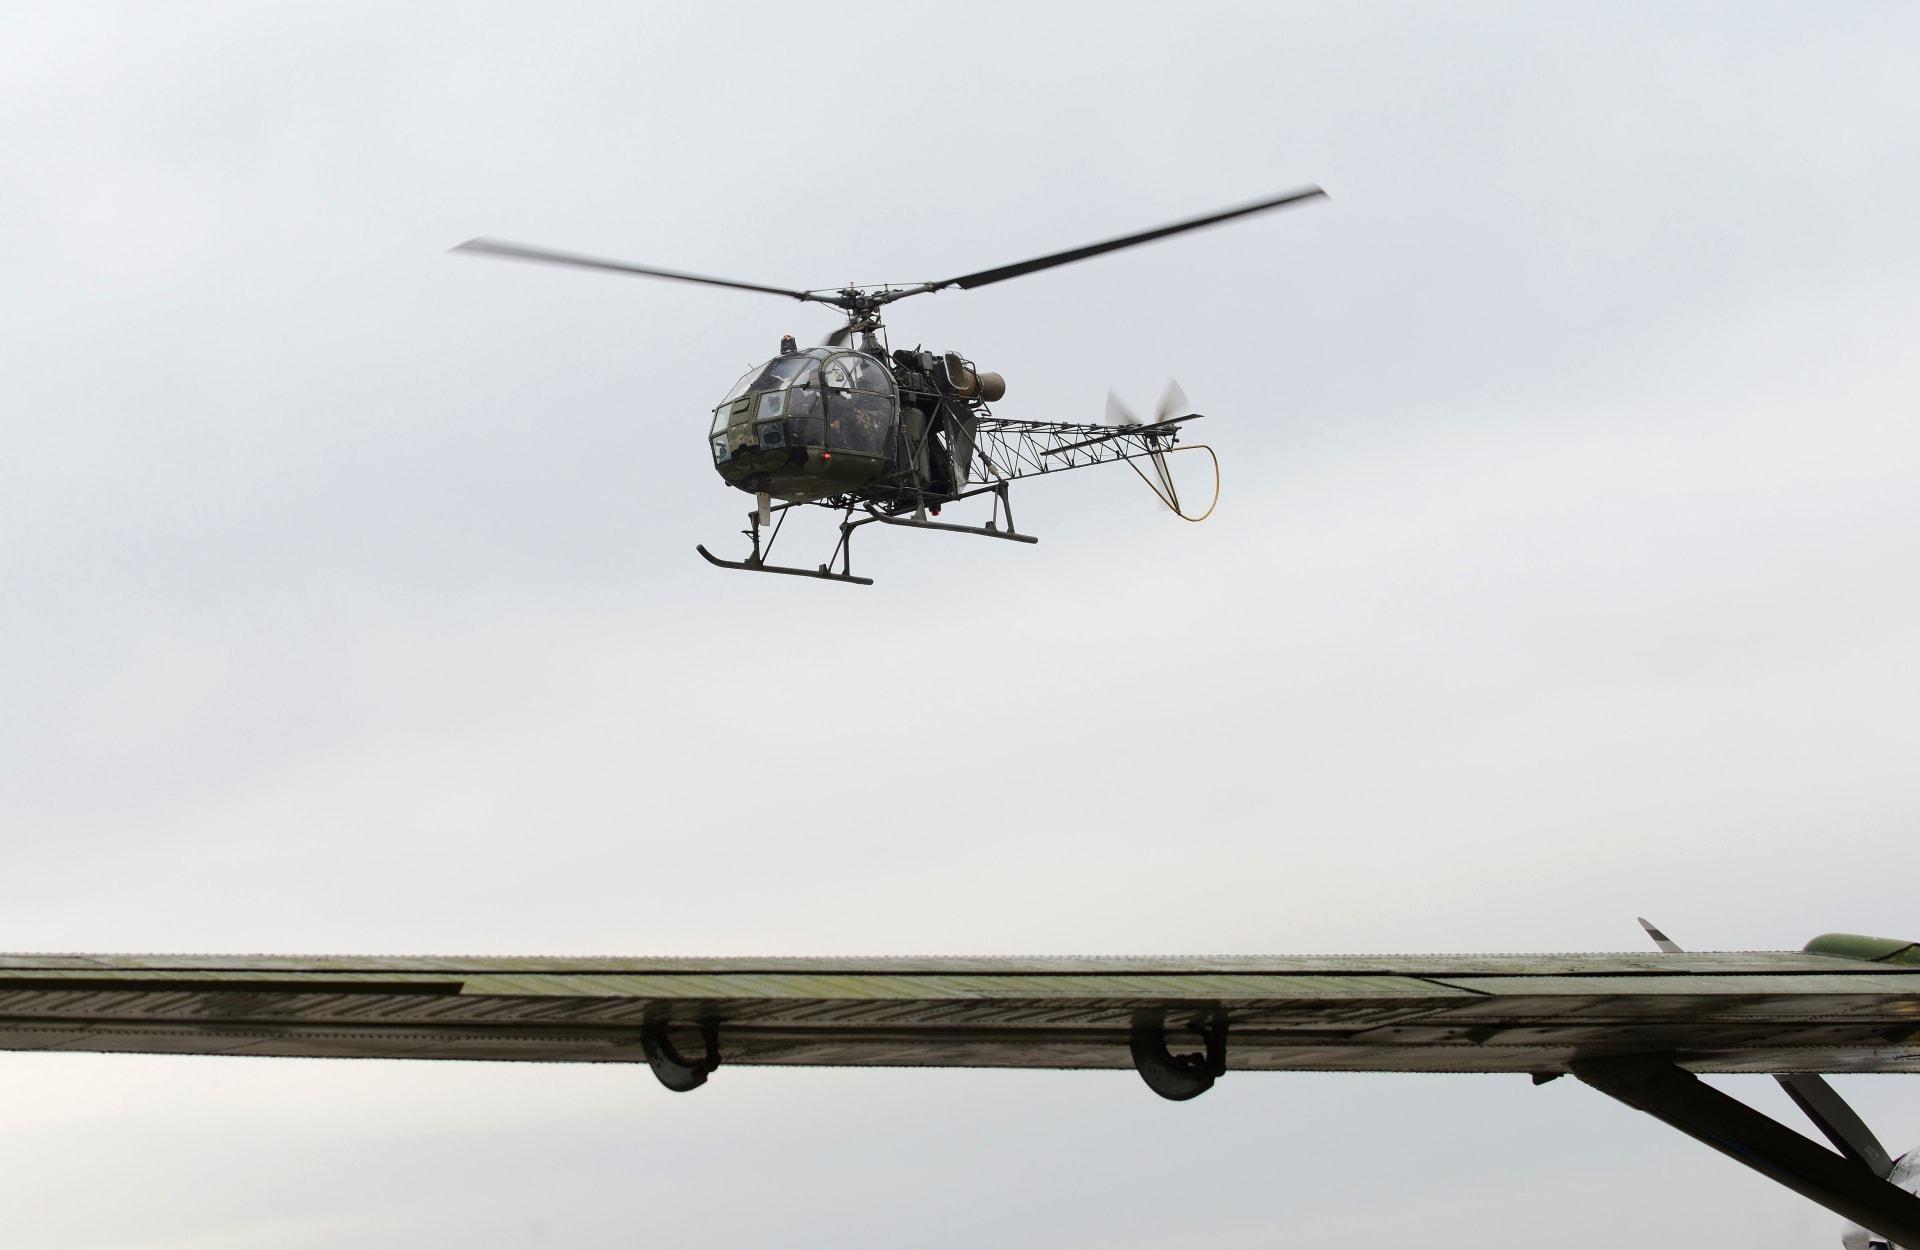 انتشال 8 جثث من المروحية الأمريكية التي تحطمت في نيبال وCNN تتحدث لوالد الطيار